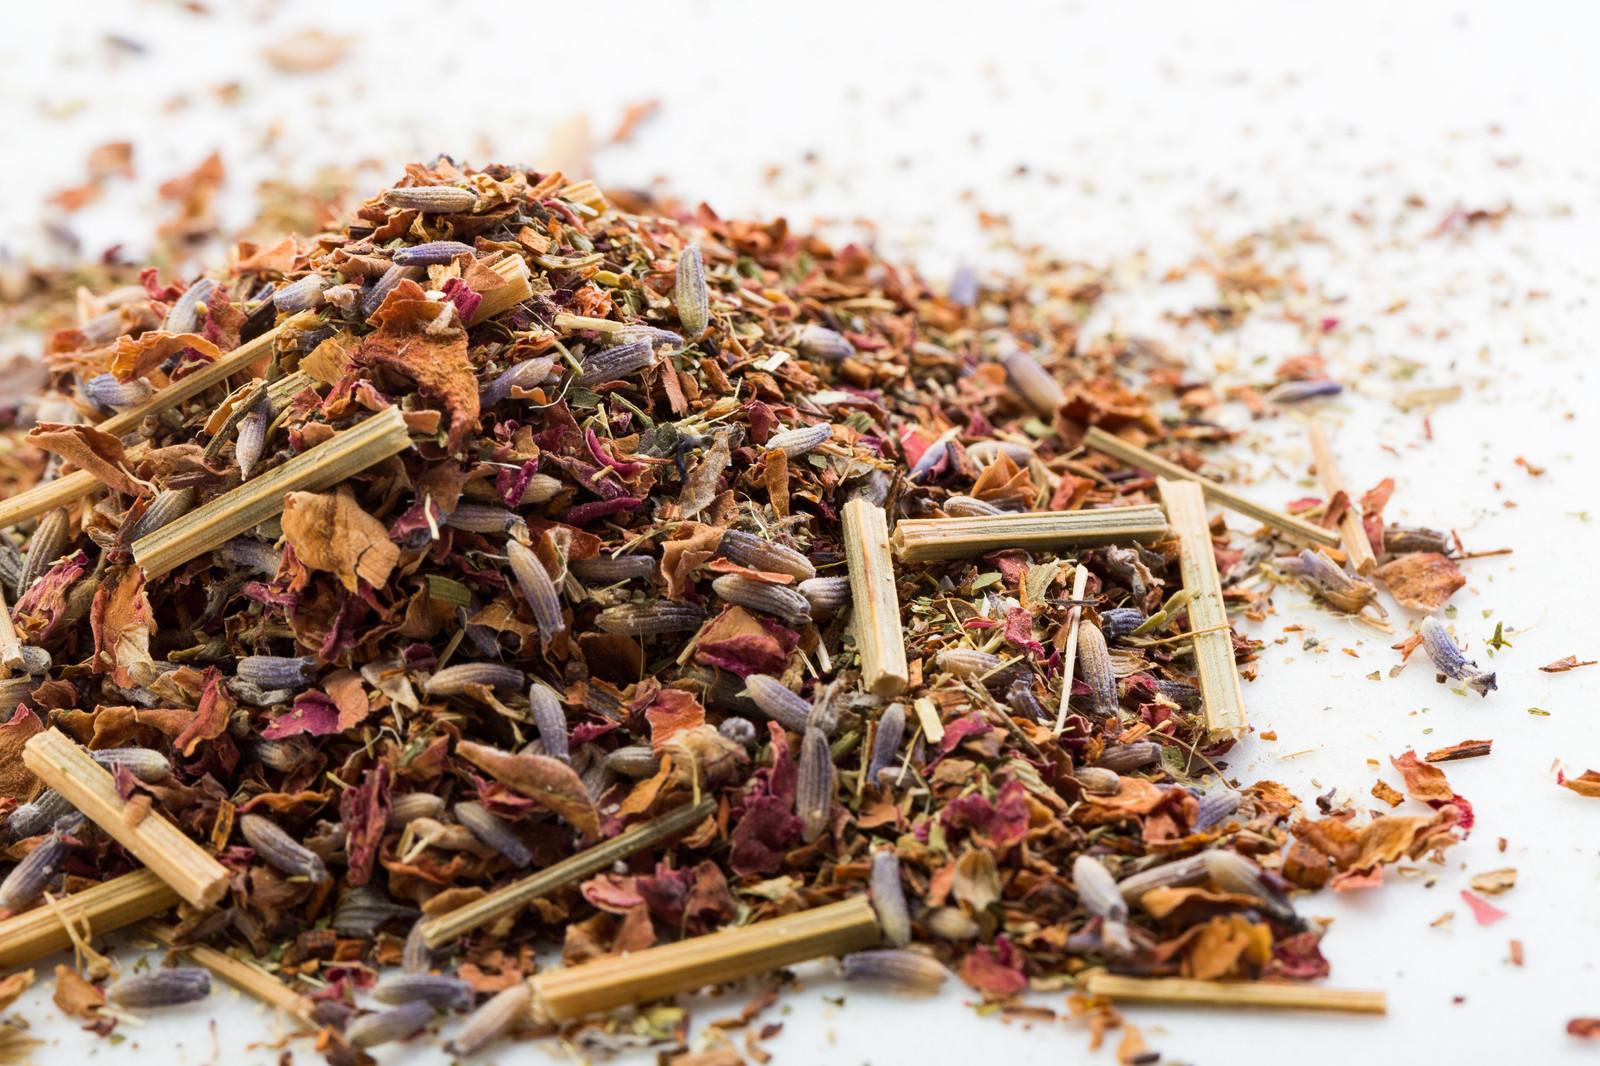 「混ぜられた乾燥した香草類混ぜられた乾燥した香草類」のフリー写真素材を拡大